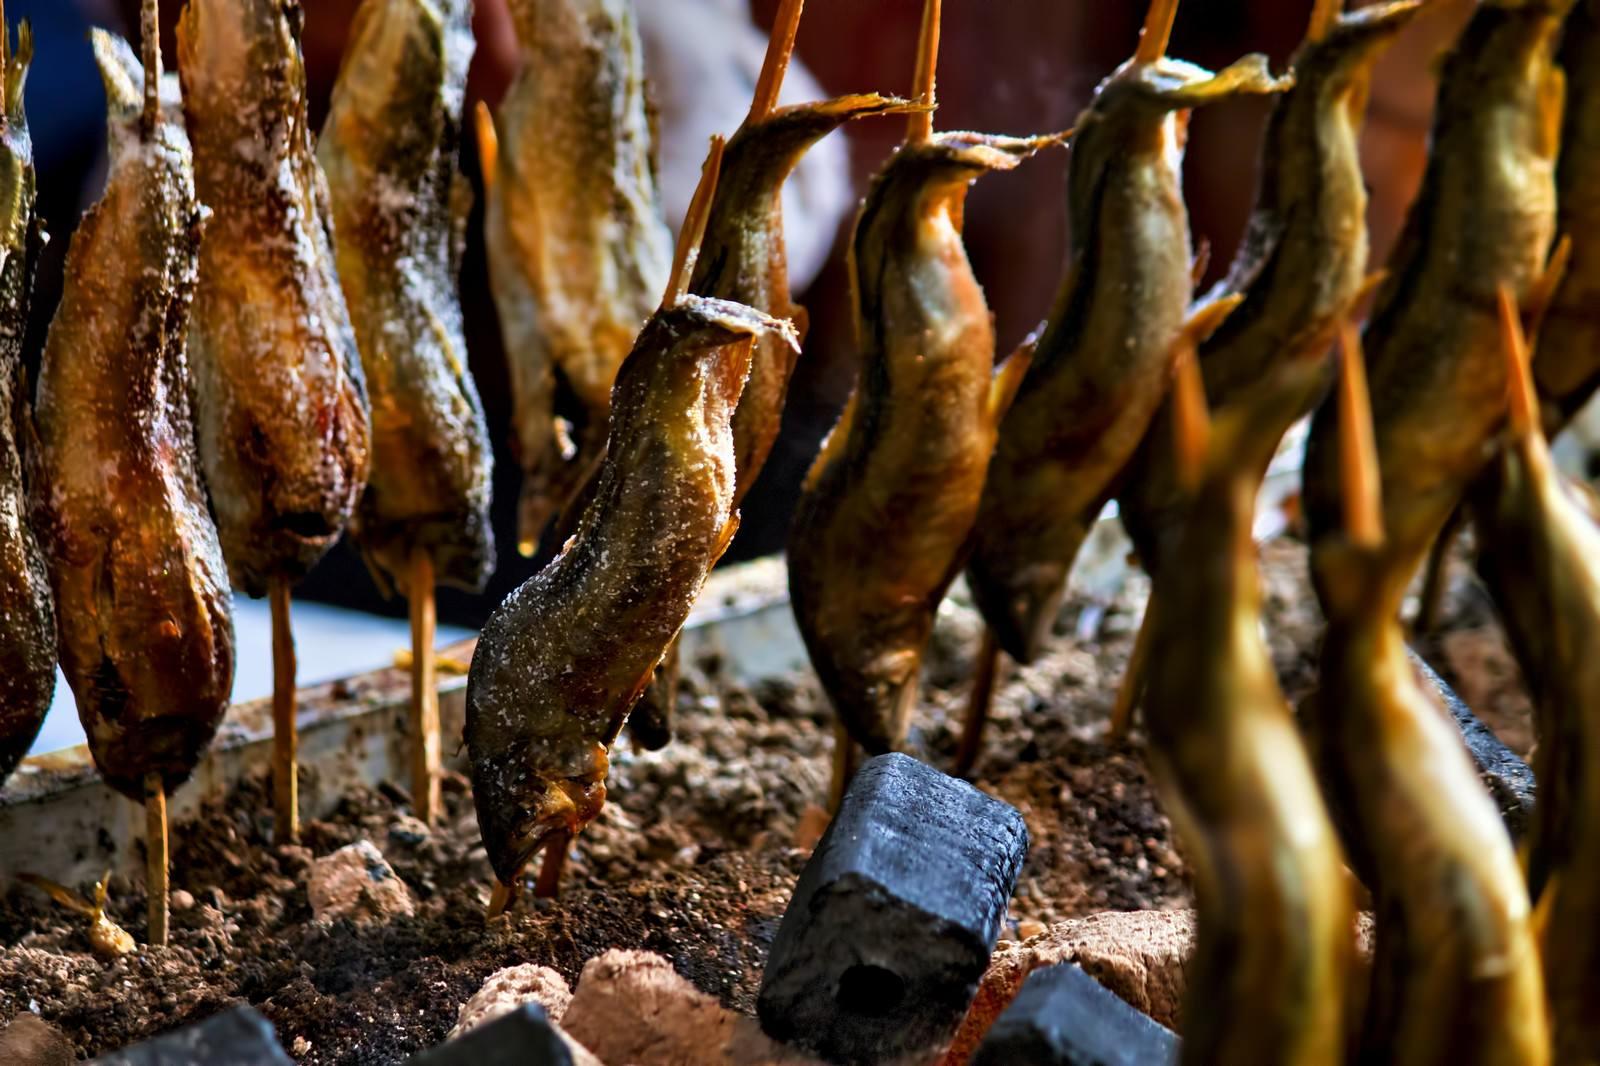 「出店で焼かれた鮎の塩焼き」の写真